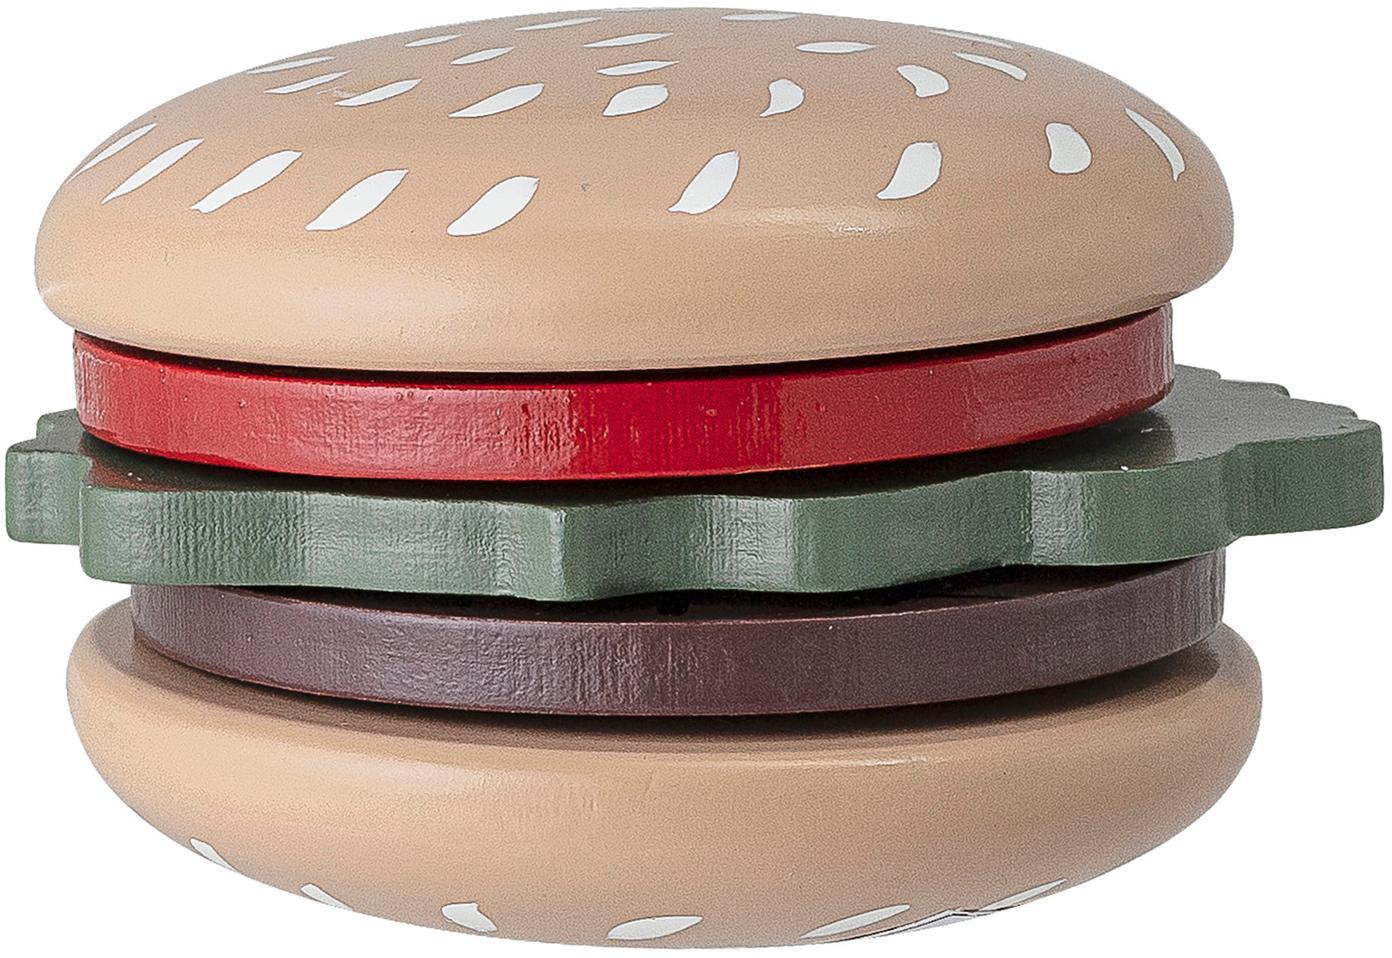 Set di giocattoli Hamburger, Legno di loto, pannelli di fibra a media densità (MDF), nylon, Multicolore, Ø 7 x Alt. 5 cm